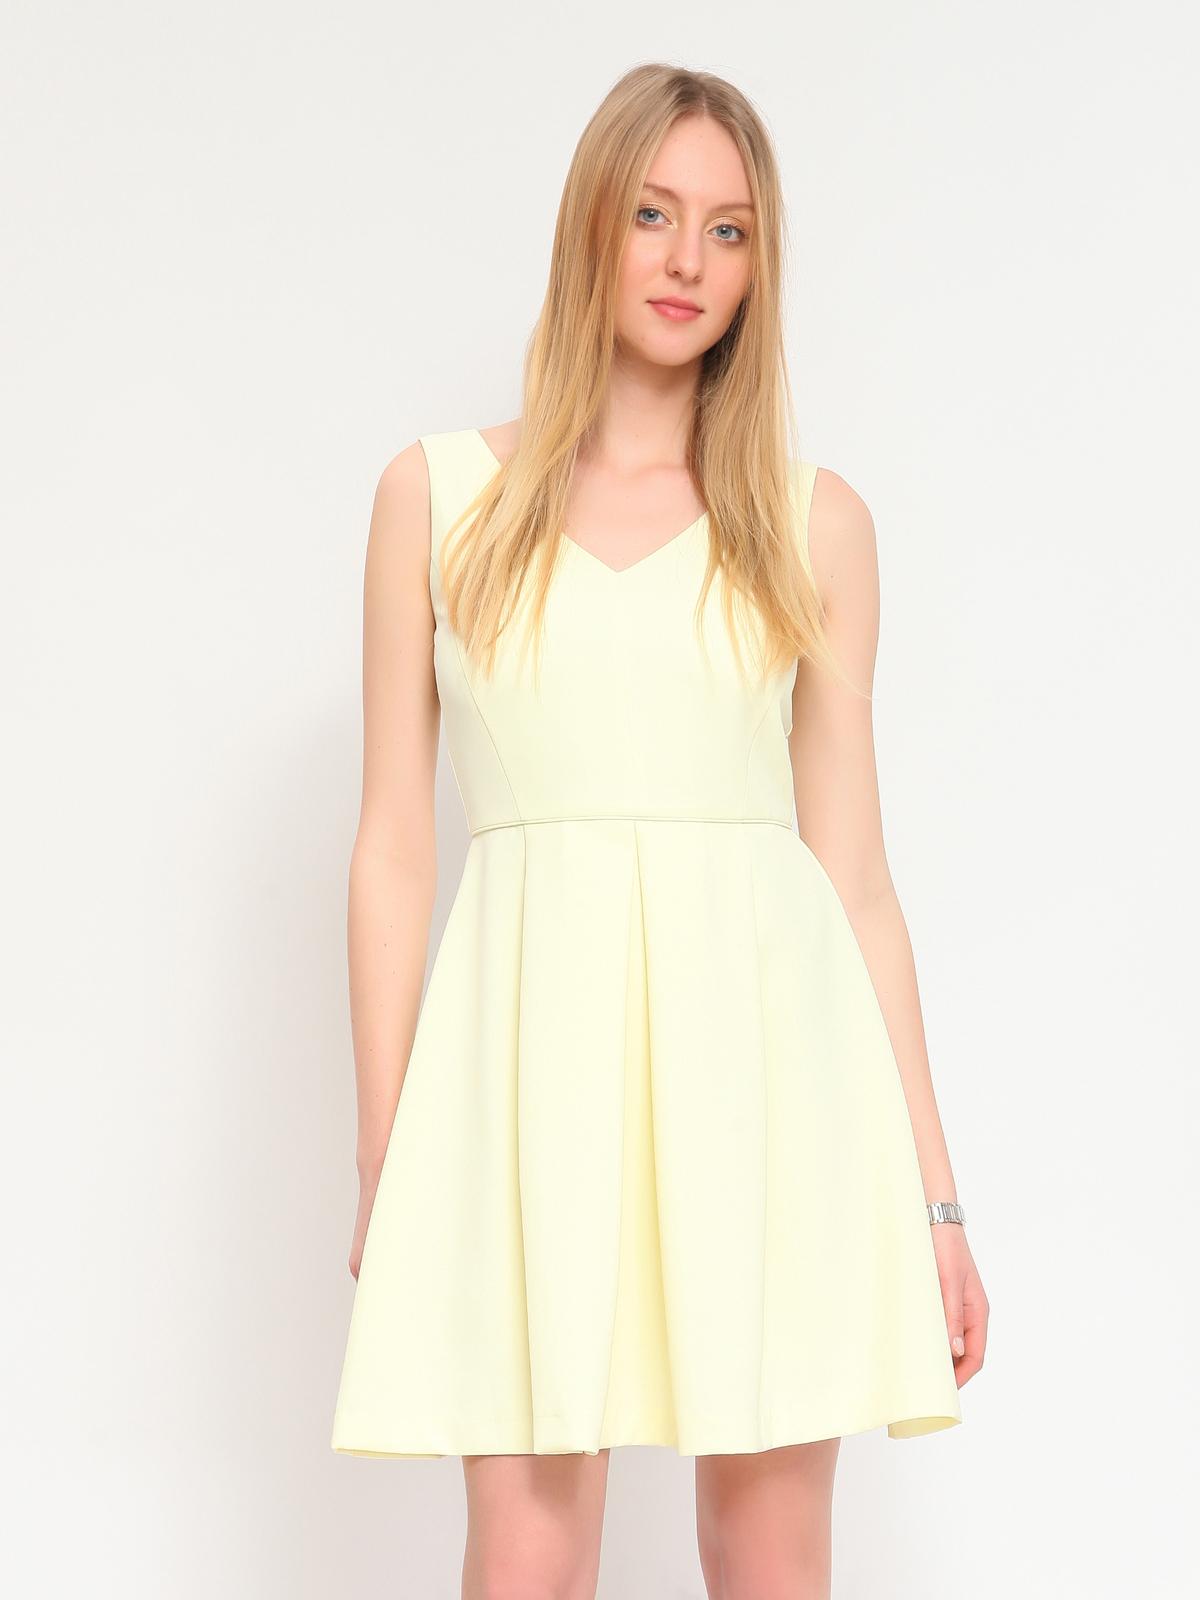 Girly φόρεμα με λαιμό V και φερμουάρ στο πίσω μέρος